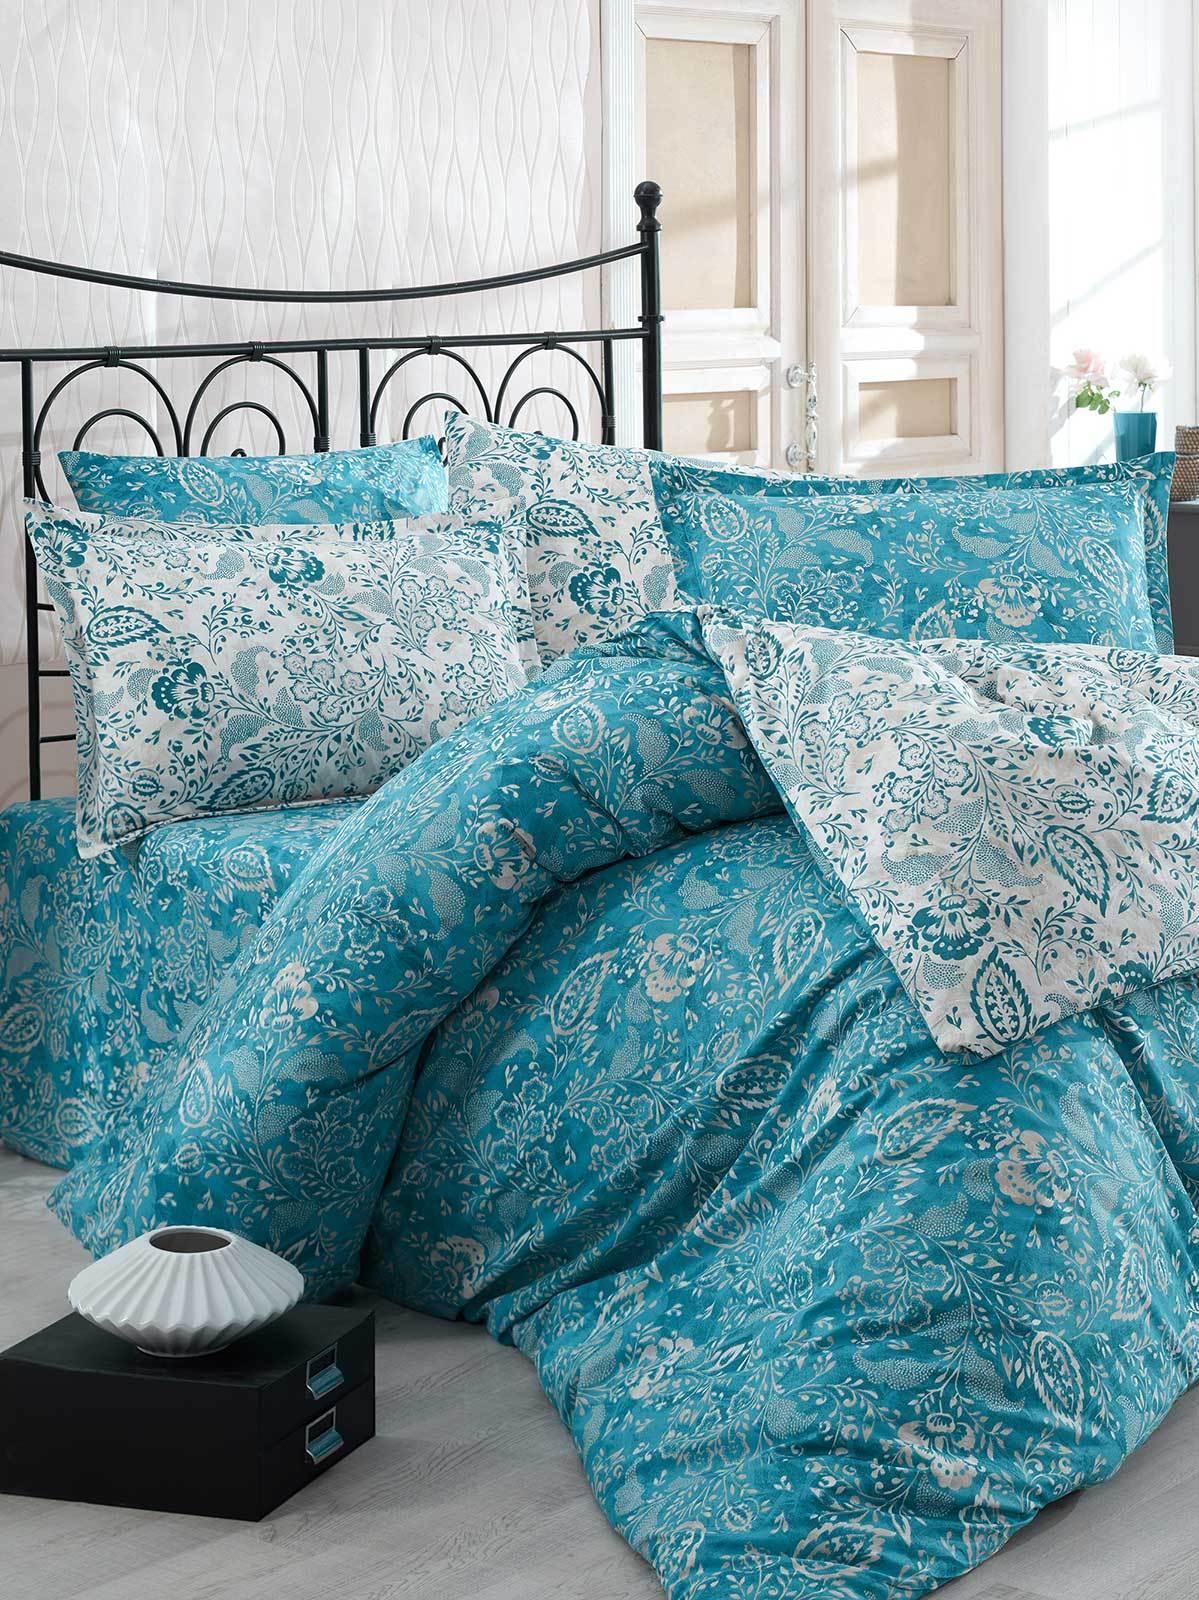 Bettwäsche 135x200 cm Bettgarnitur Bettbezug Baumwolle Kissen 6 tlg YAPRK BLAU